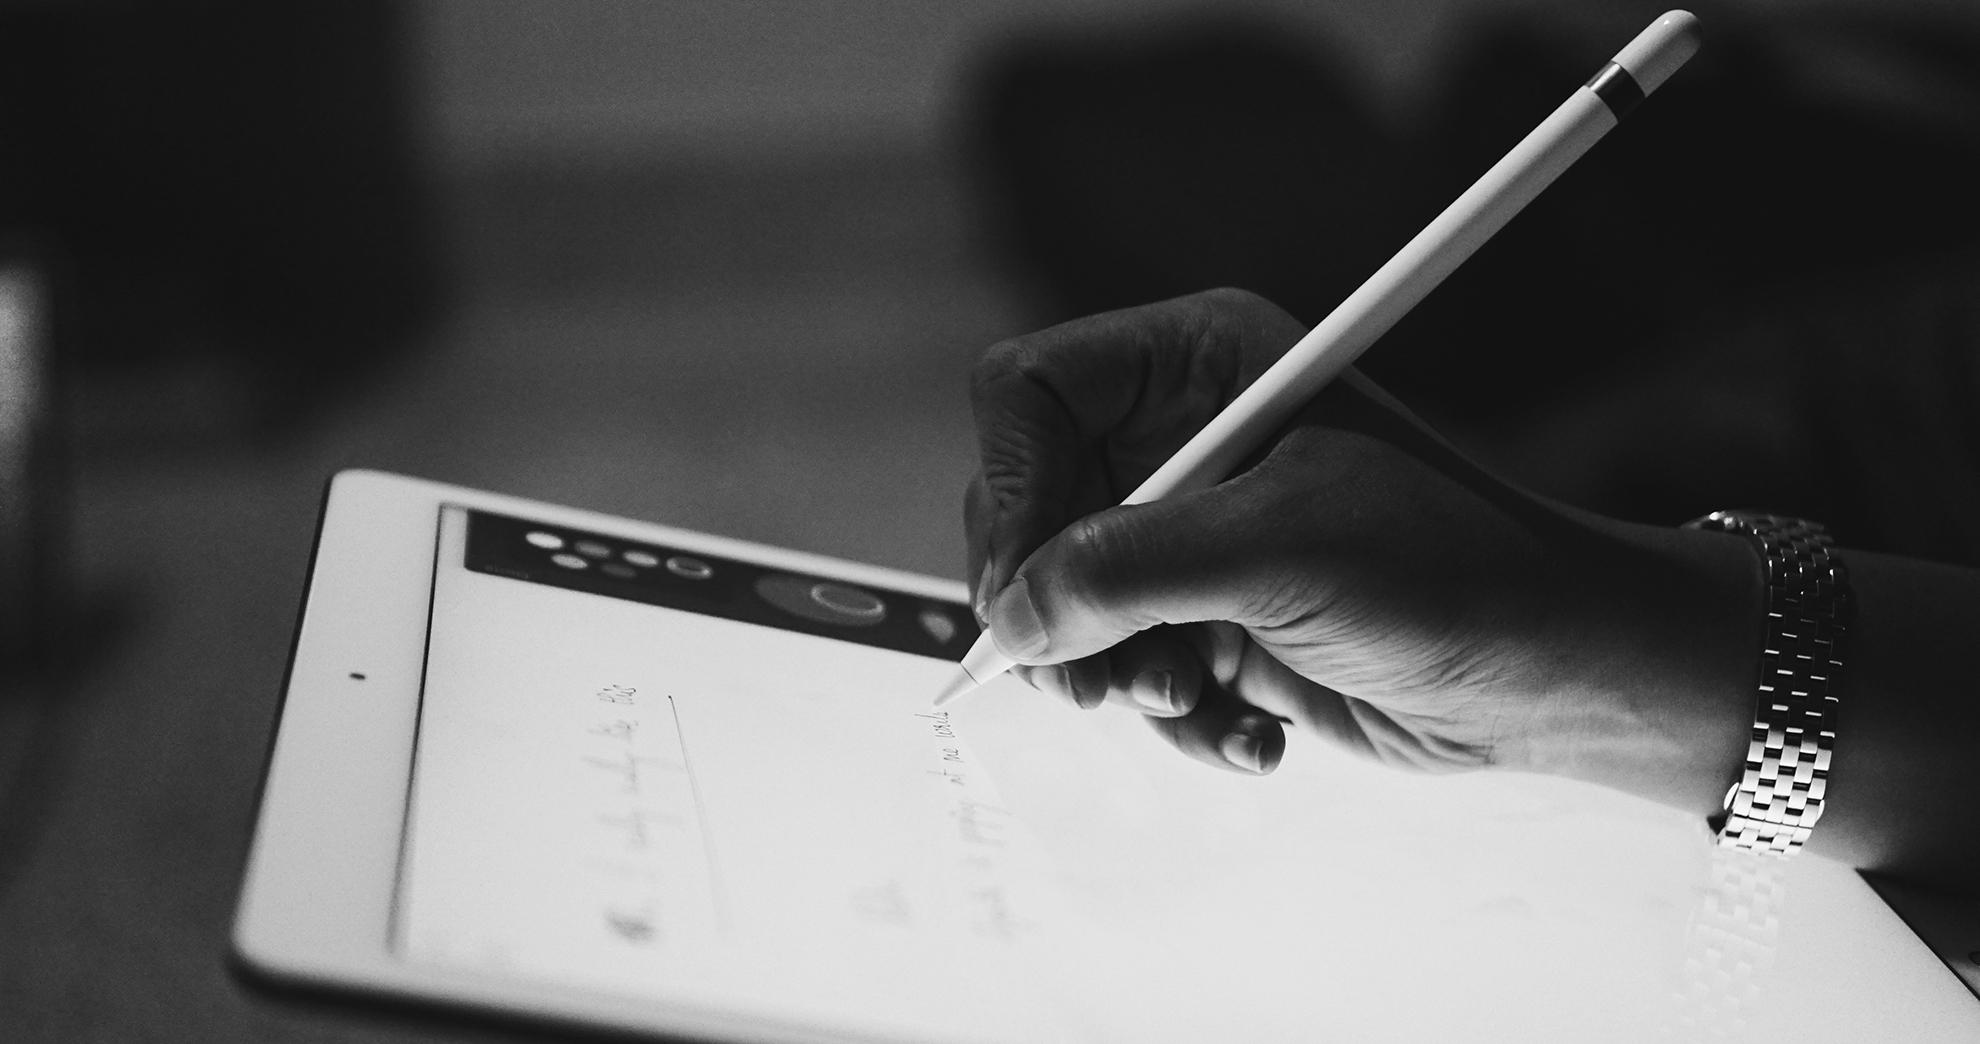 Si eres director de arte y no dominas el espacio digital, tu mundo se está haciendo cada vez más pequeño. En un solo día, Alex Lampe, colaborador habitual del D&AD, te puede enseñar a pensar y diseñar en entornos digitales, y también las herramientas necesarias para ampliar tus límites o, quién sabe, dejar de tenerlos.